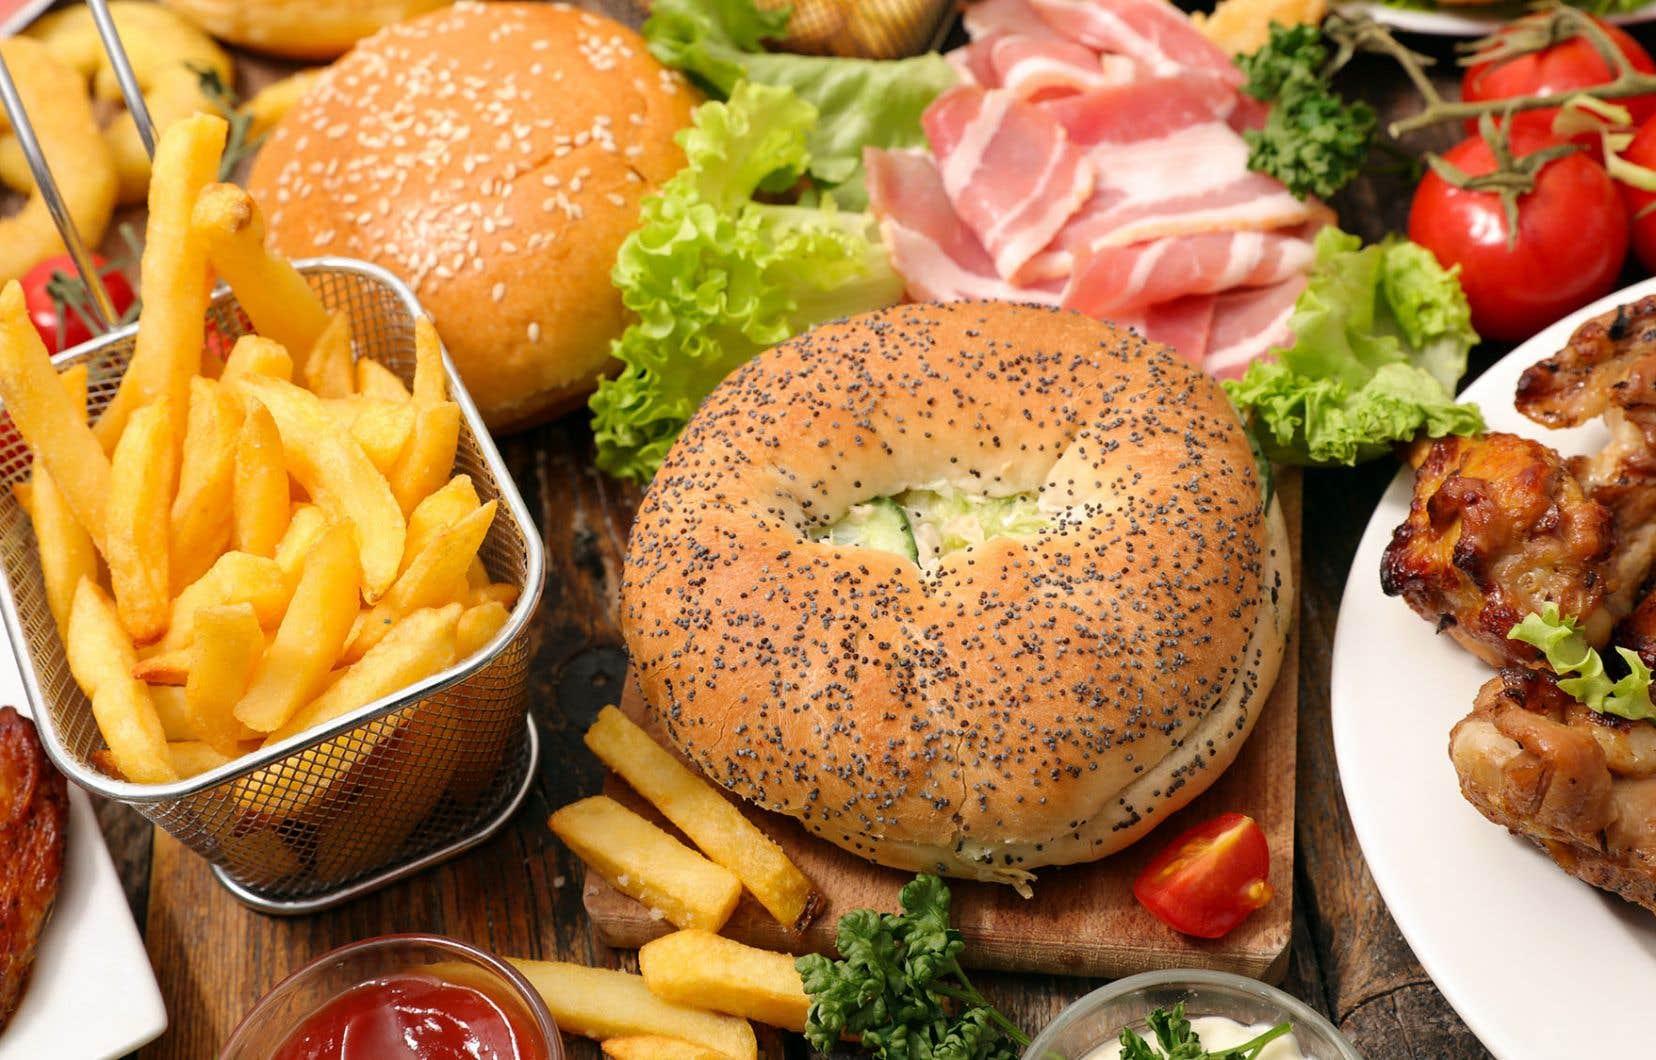 Du sucre au sel, des perturbateurs endocriniens aux produits gras ou ultratransformés, le reportage multiplie les regards croisés, donnant à ce panorama toute sa saveur.